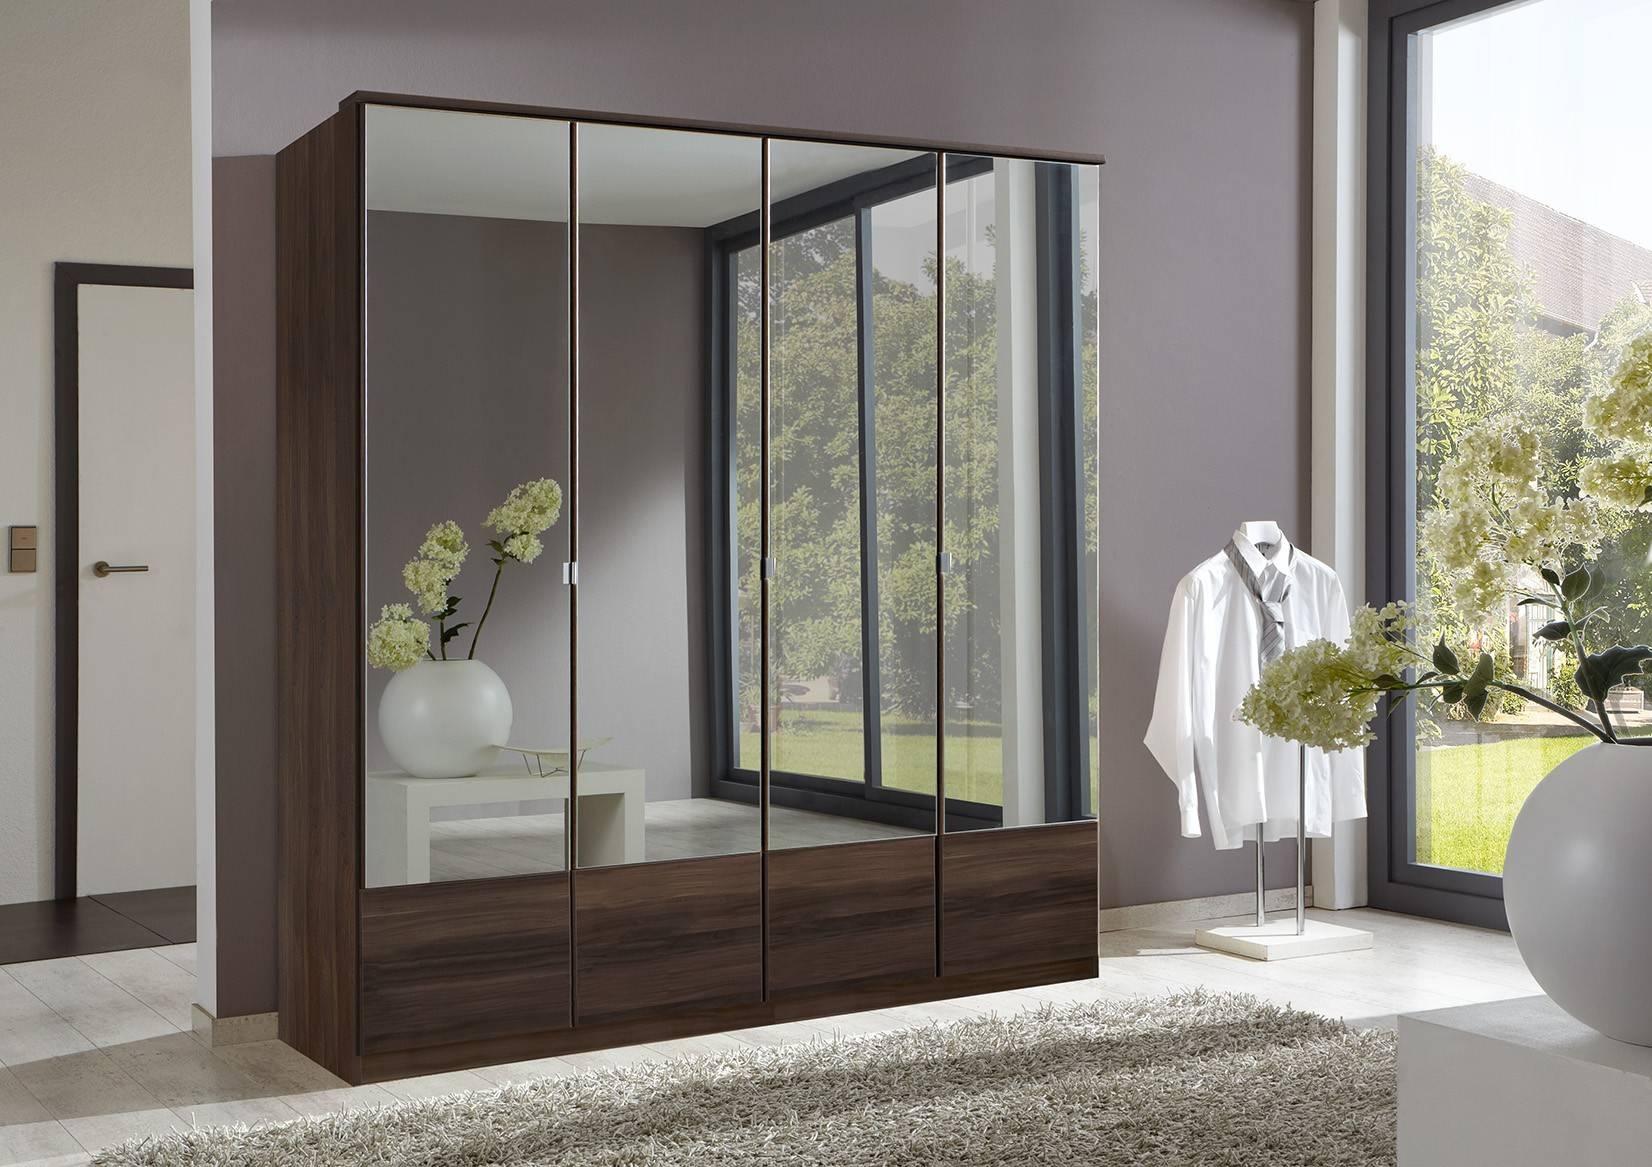 Slumberhaus 'imago' German Made Modern Walnut & Mirror 4 Door in 4 Door Mirrored Wardrobes (Image 14 of 15)